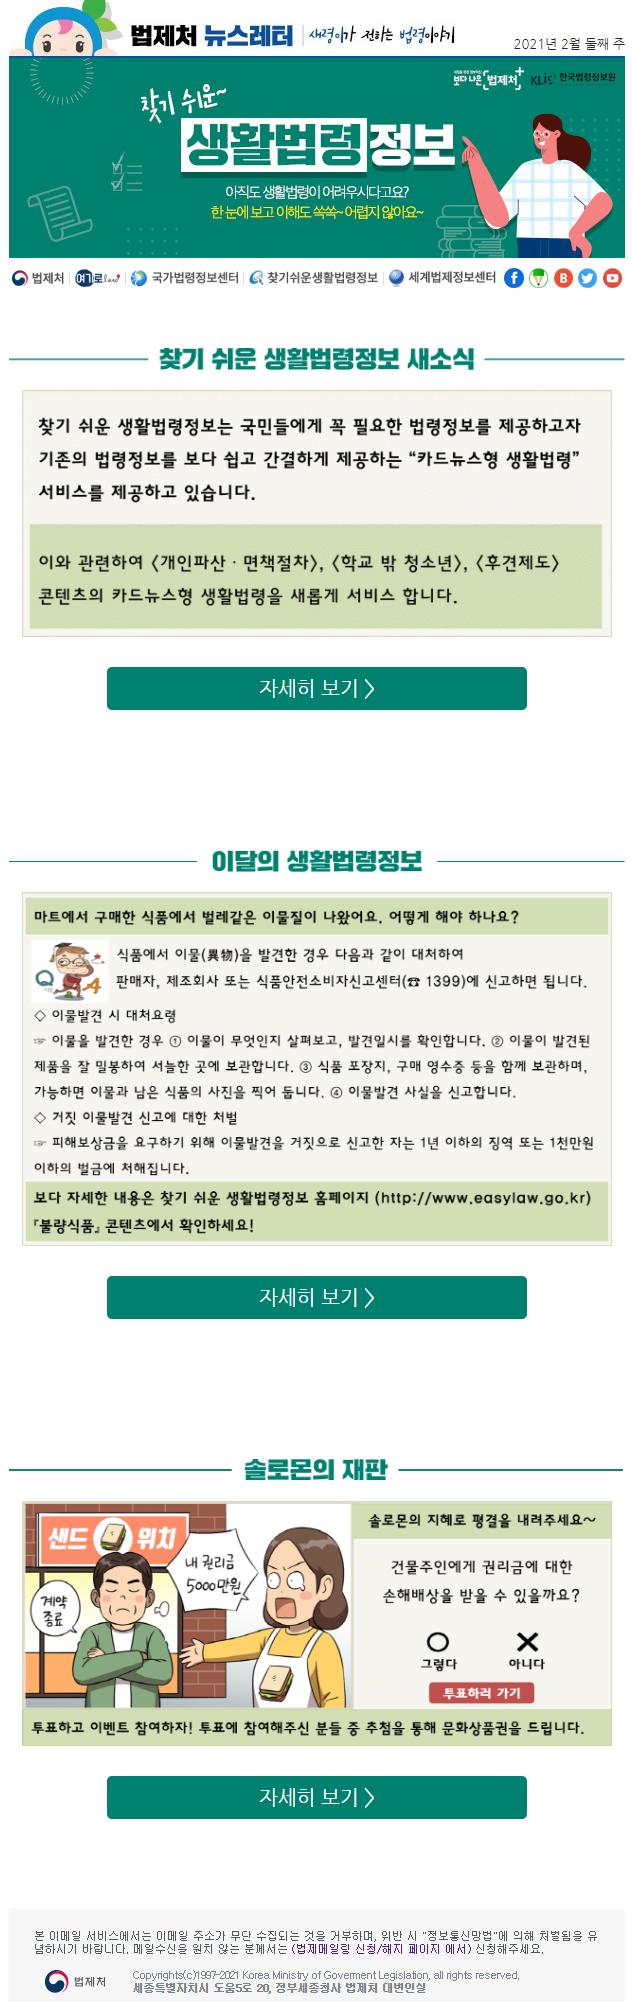 2021년 2월 찾기 쉬운 생활법령정보 뉴스레터